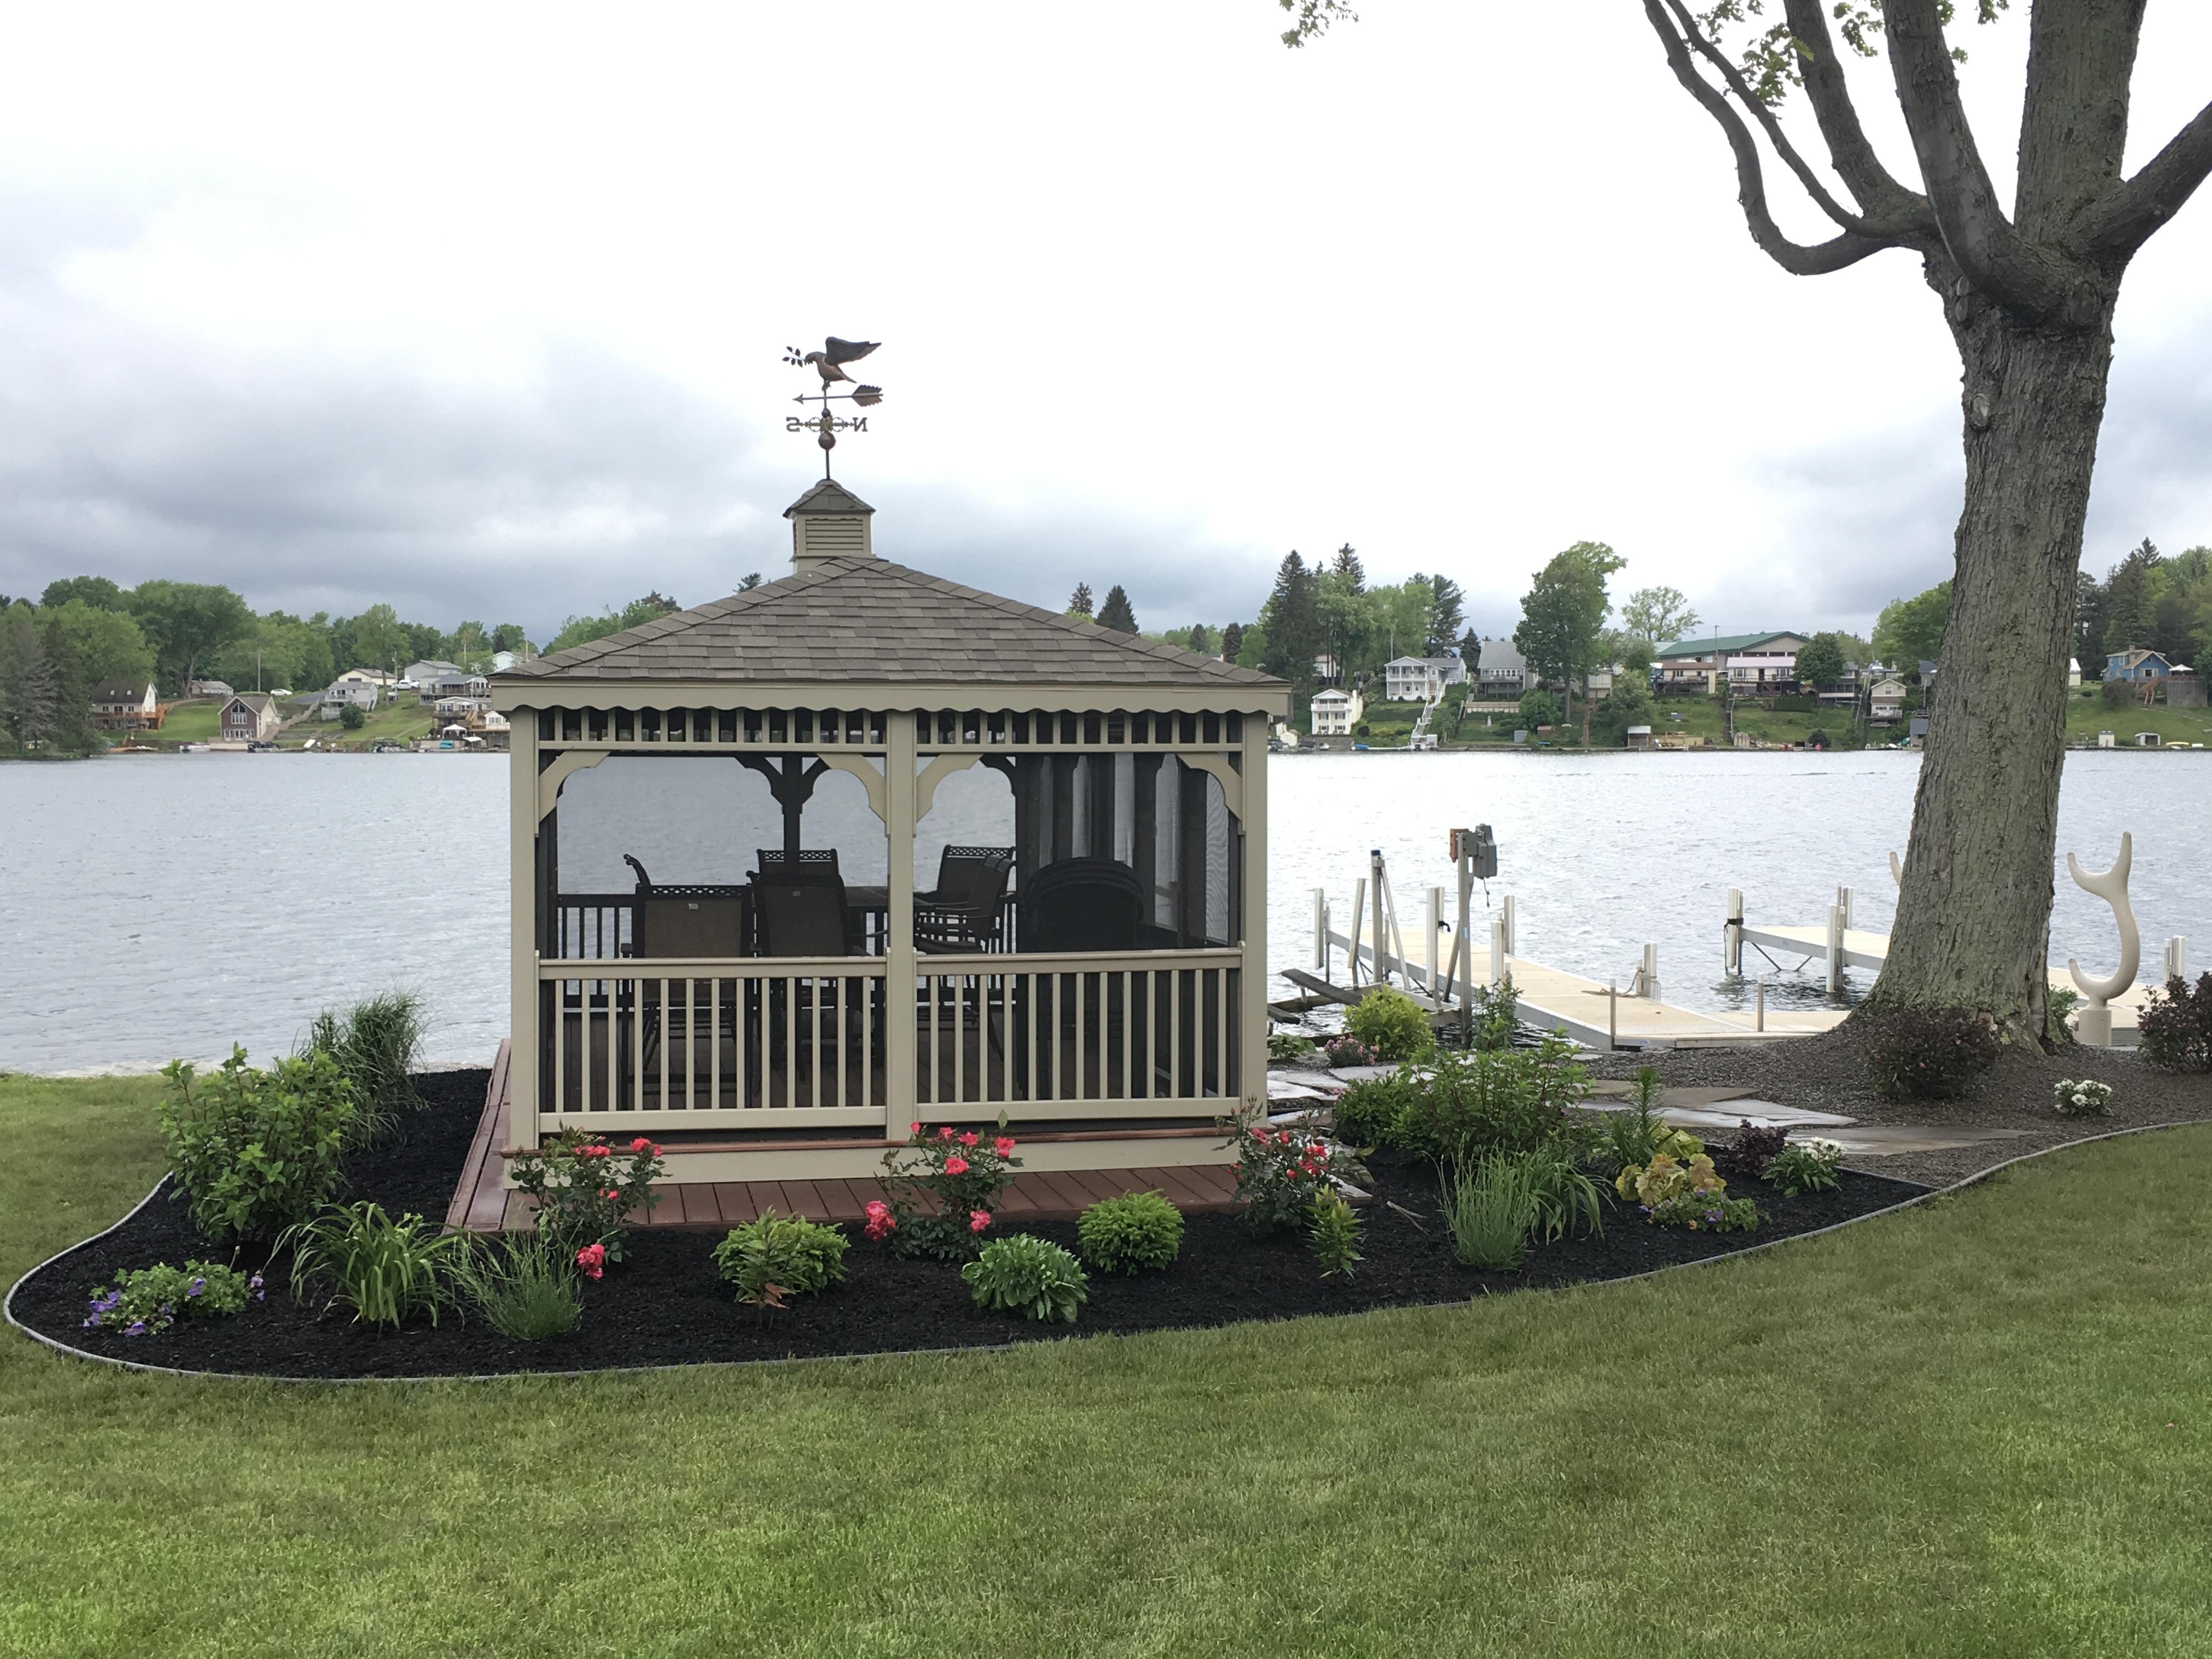 Lake Side Landscape